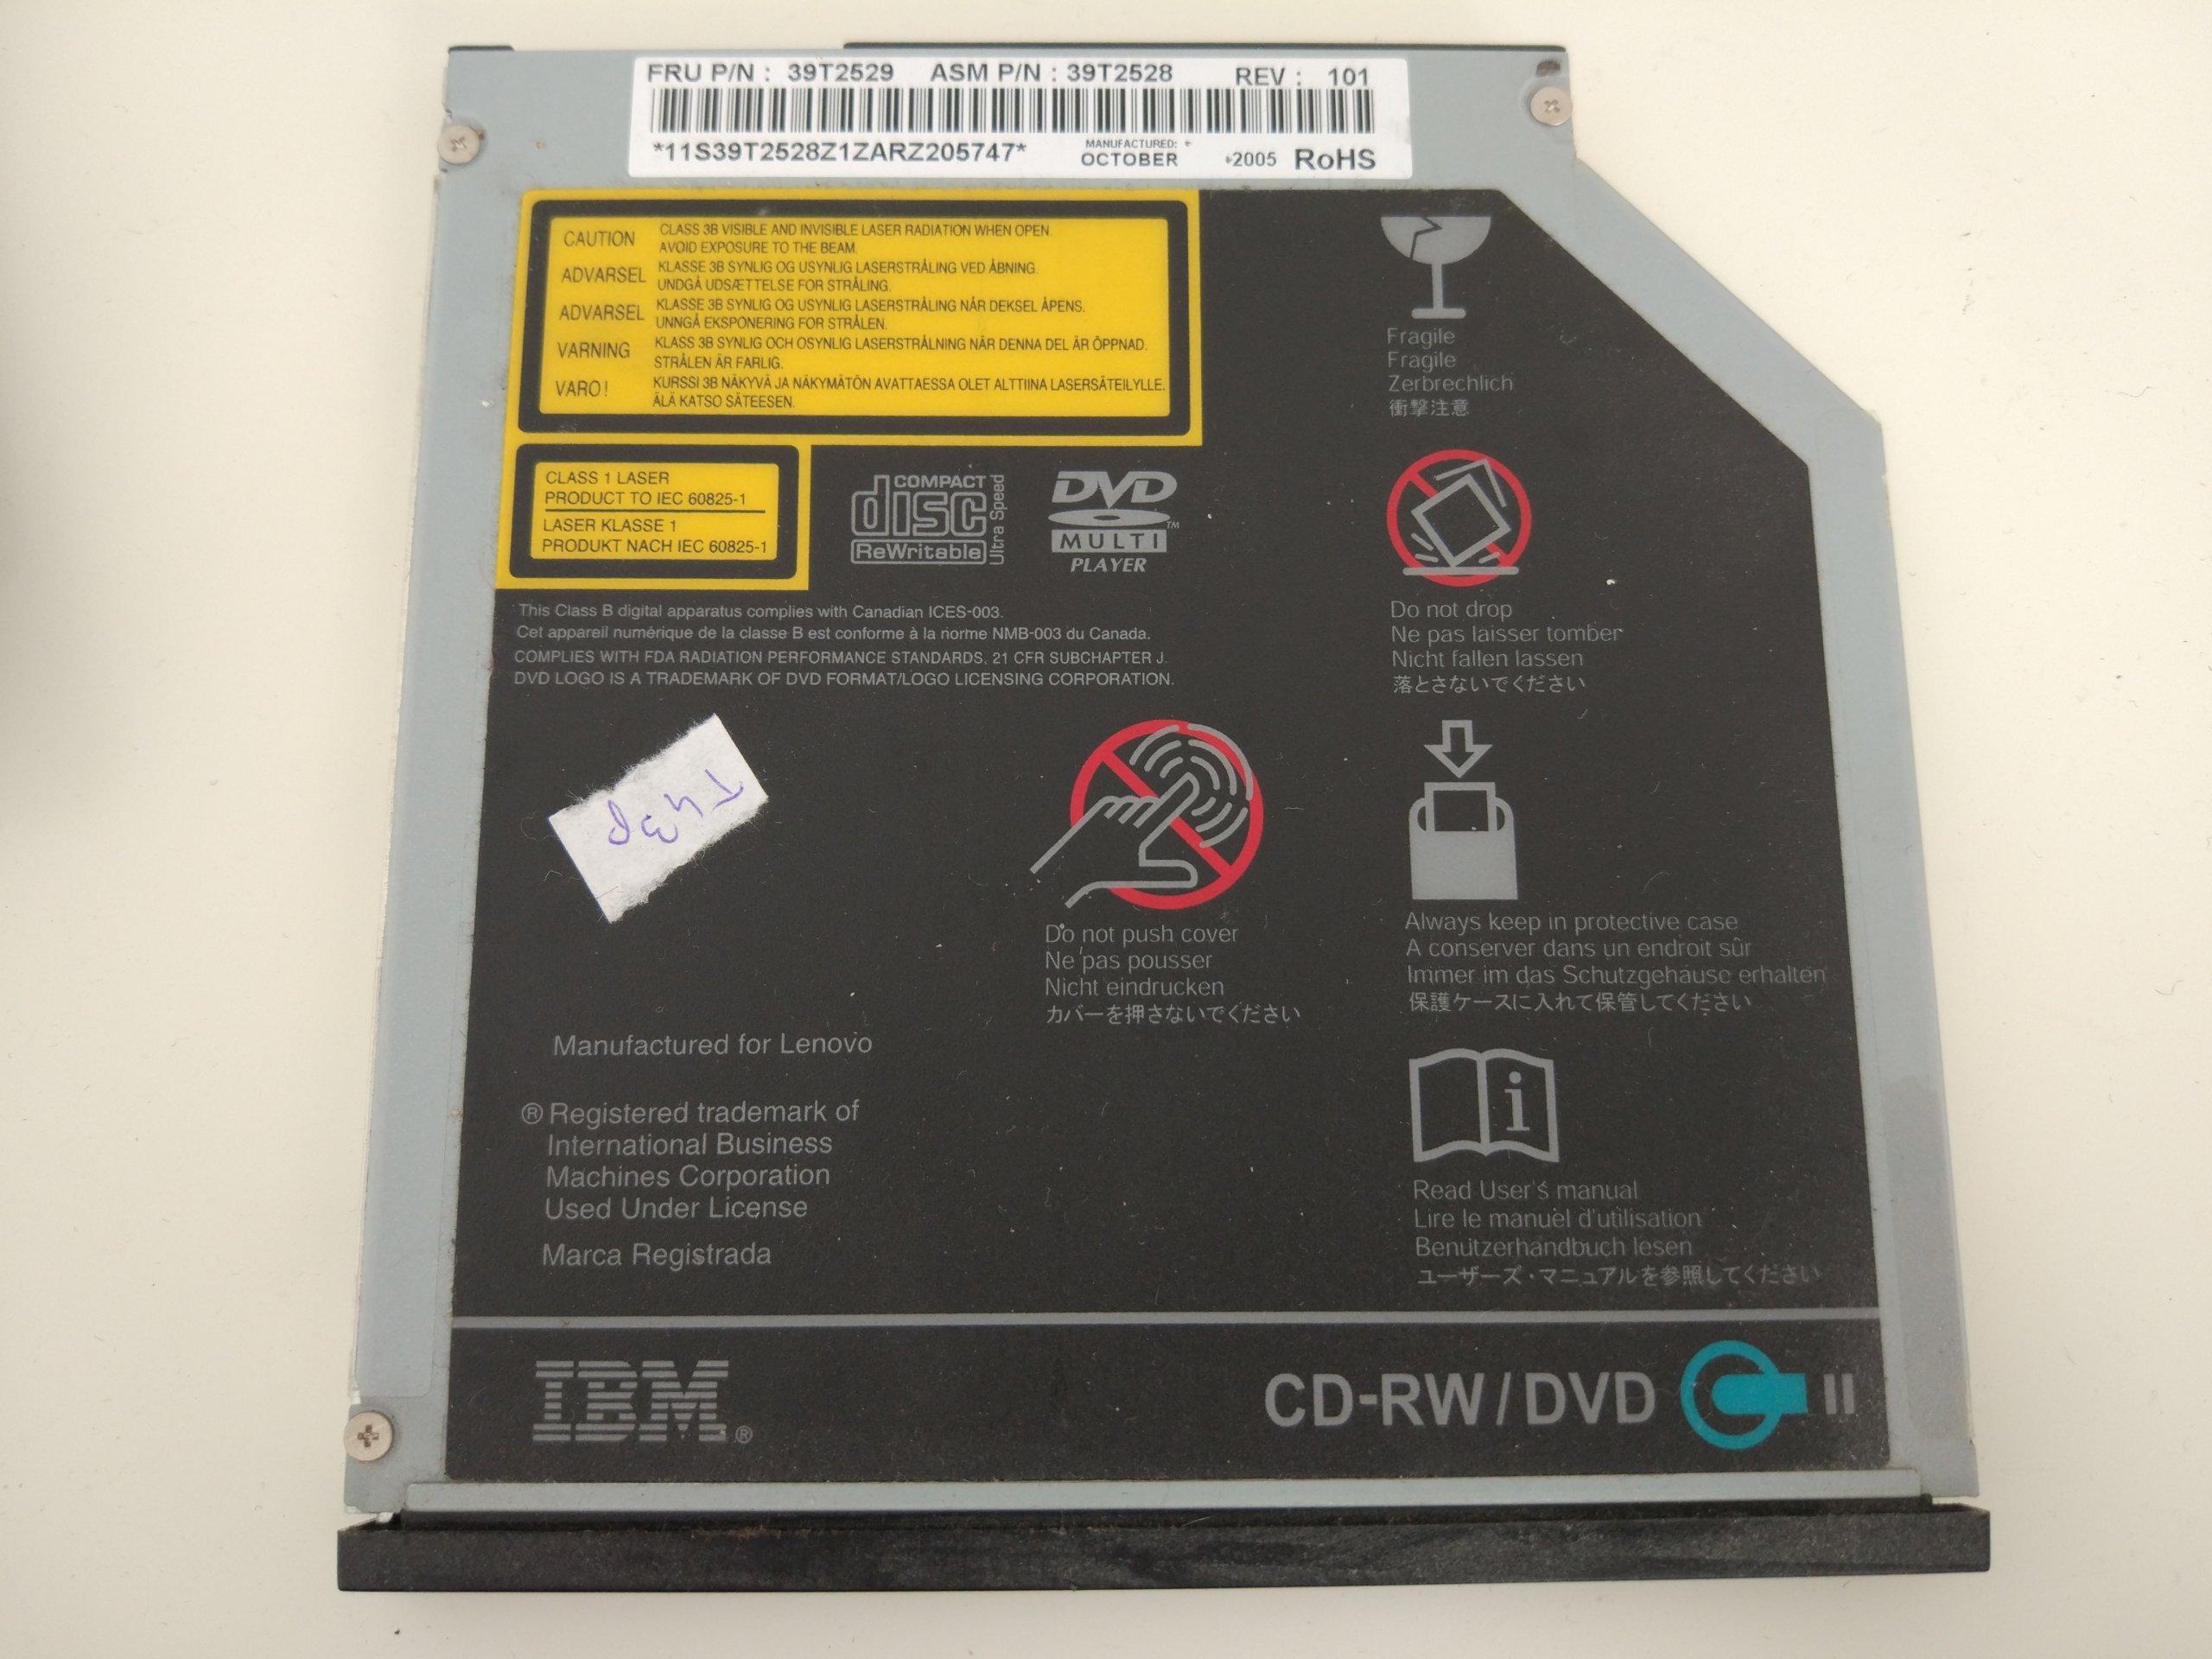 IBM THINKPAD T43p CD-RW/DVD FRU: 39T2529